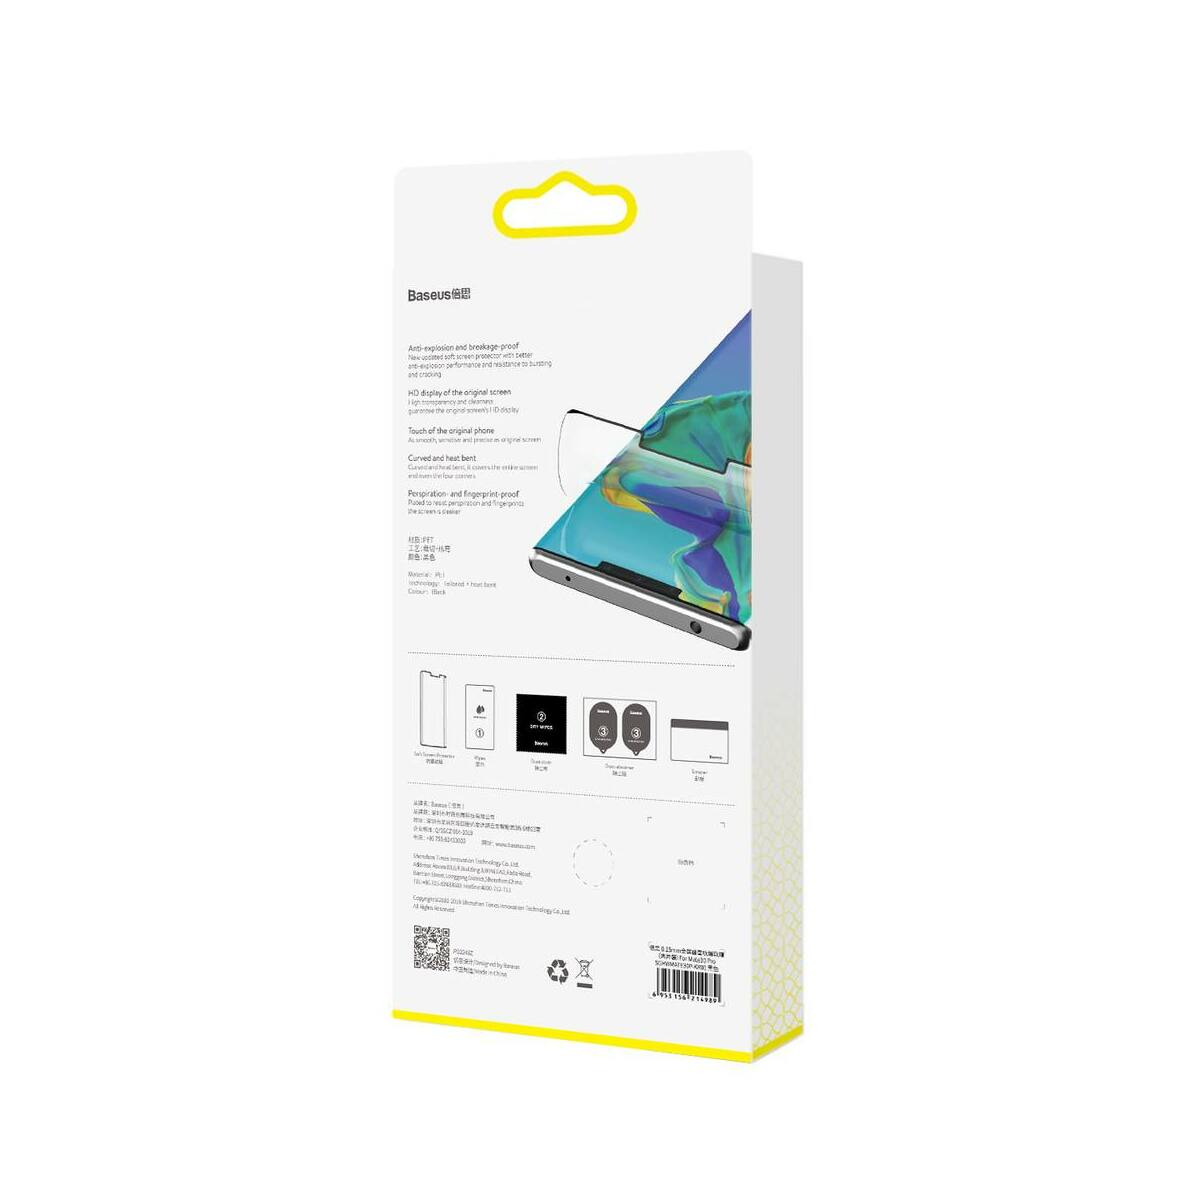 Baseus Huawei Mate 30 0.15 mm, teljes felületre, ívelt betörés elleni könnyített kijelzővédő, fekete (SGHWMATE30P-KR01)